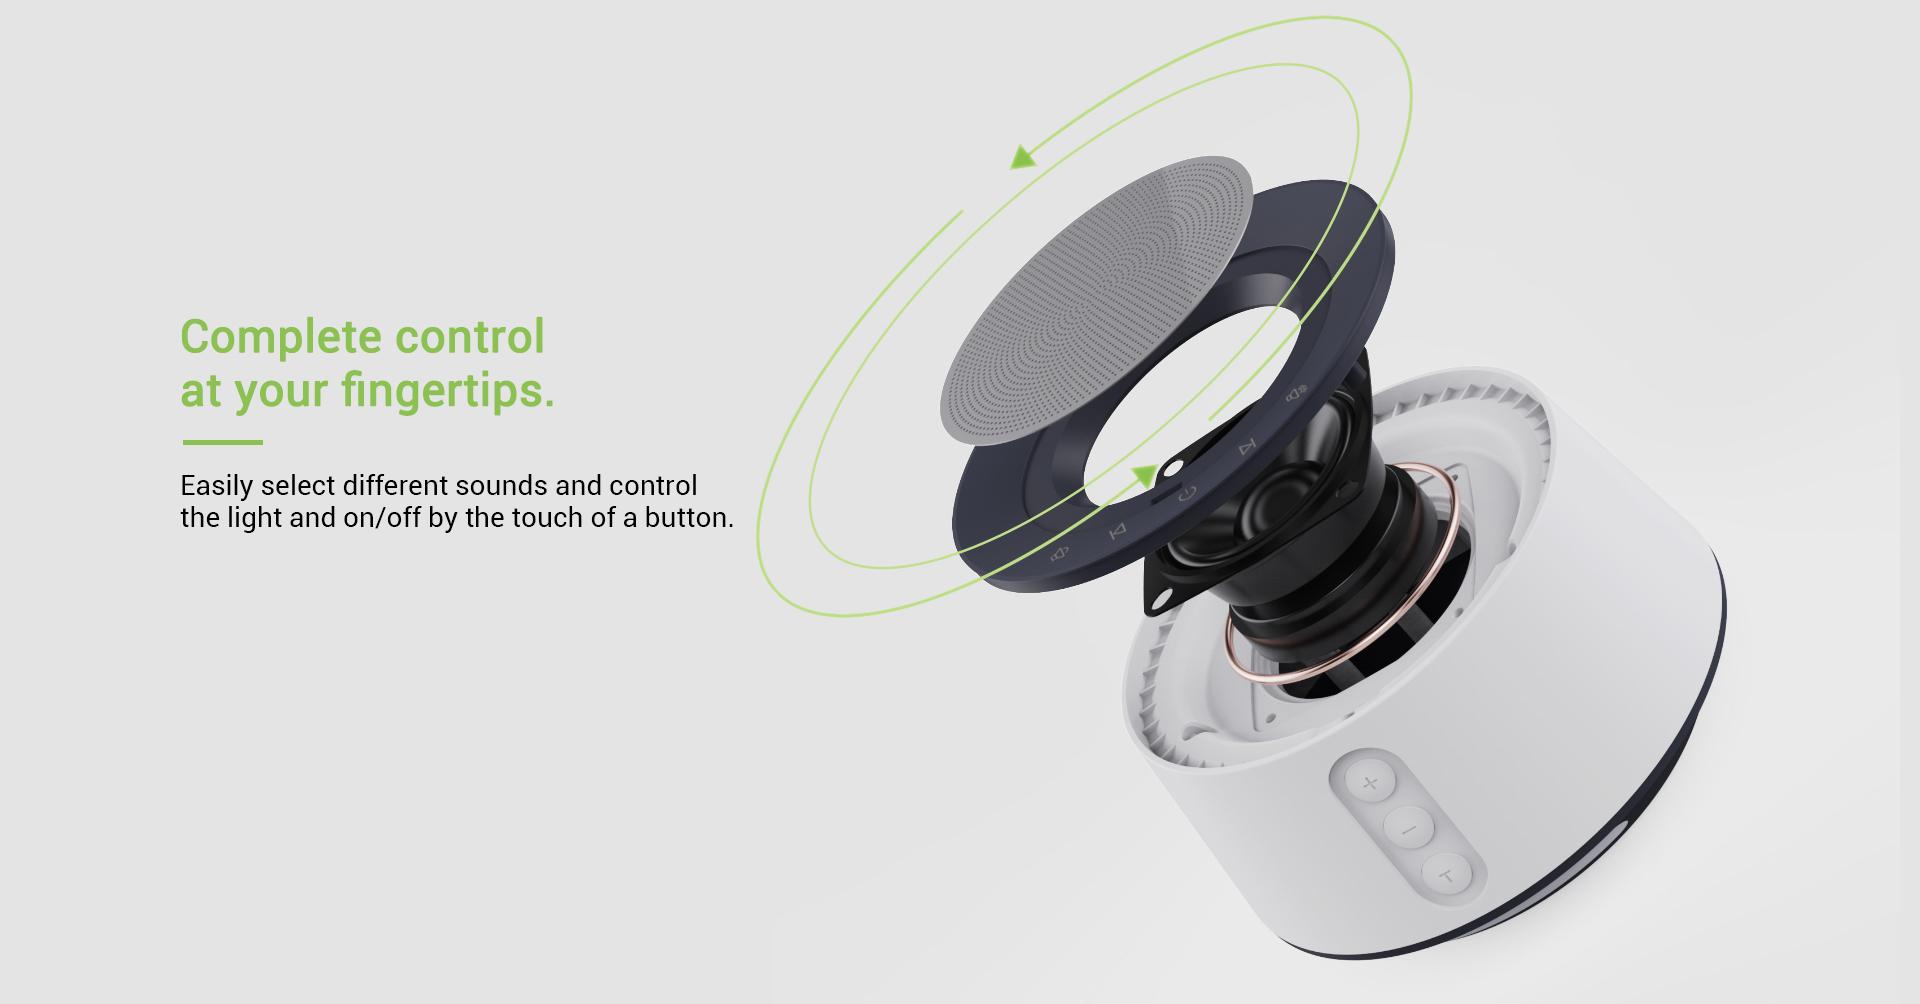 easysleep sound white noise machine